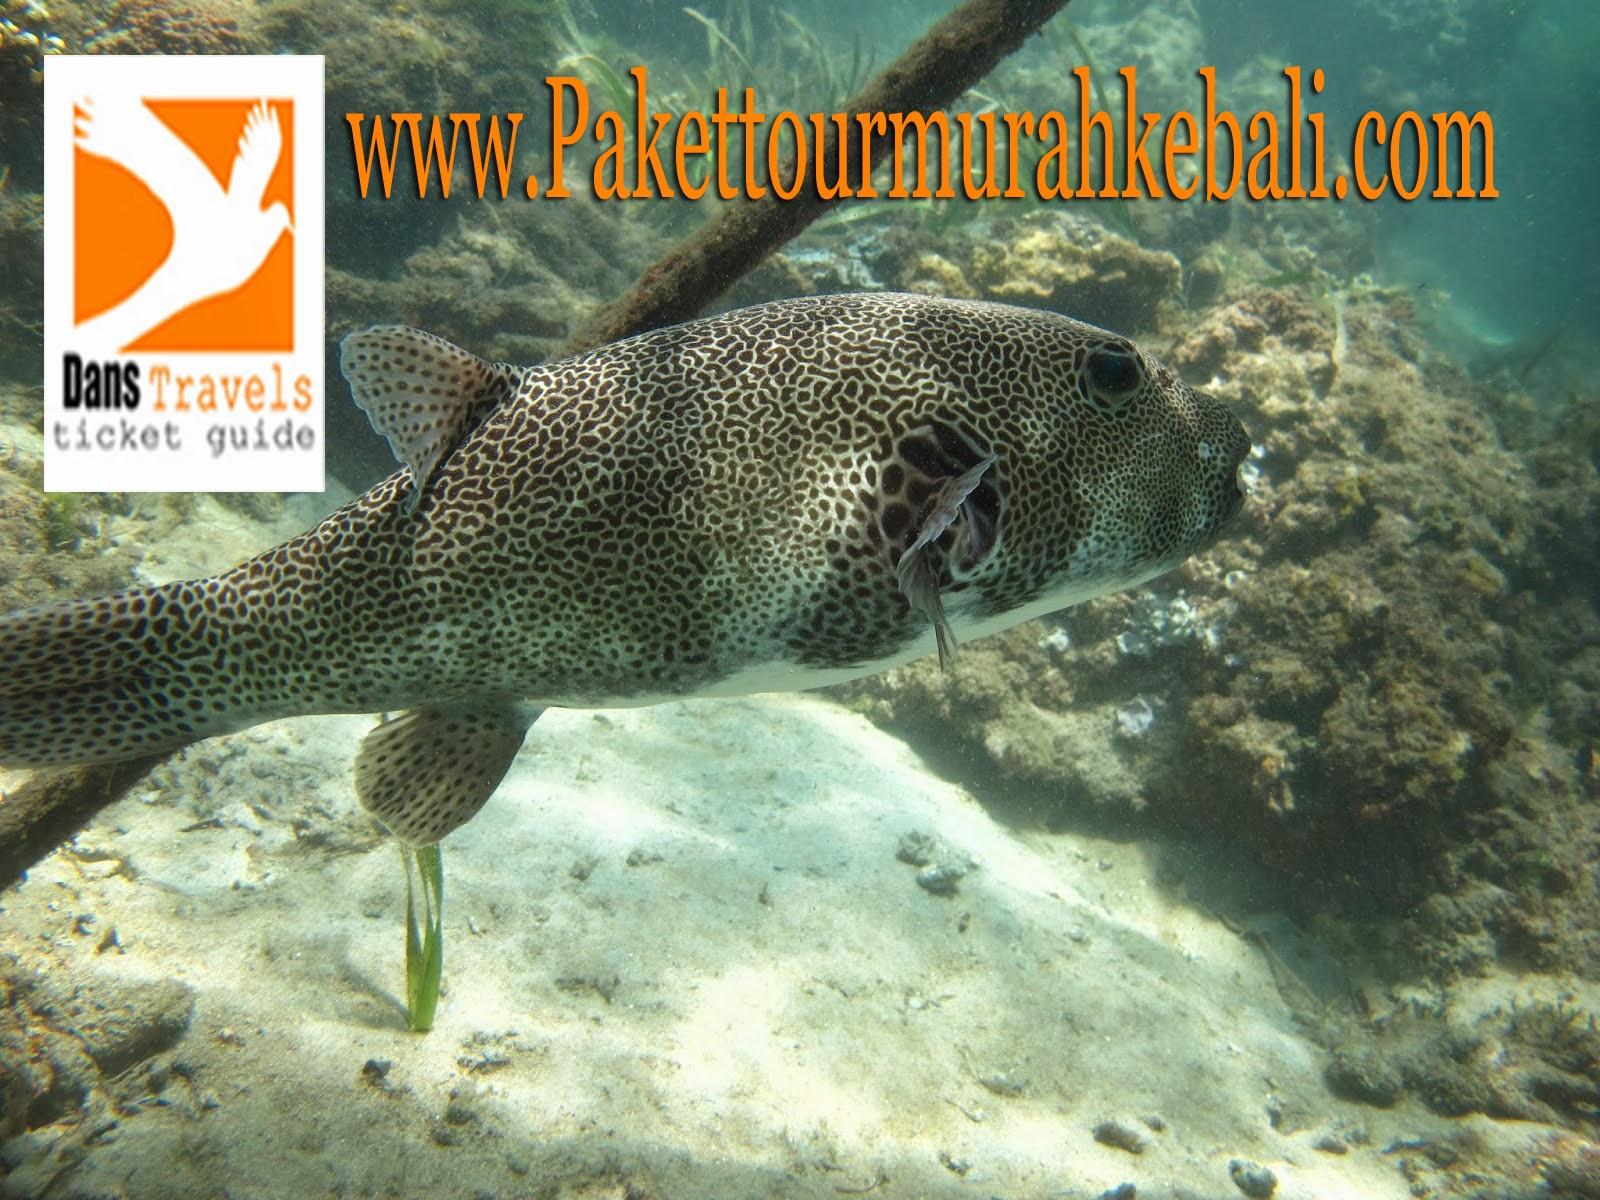 Seawalker Sanur - Sanur Waterwalk - Underwater Sanur